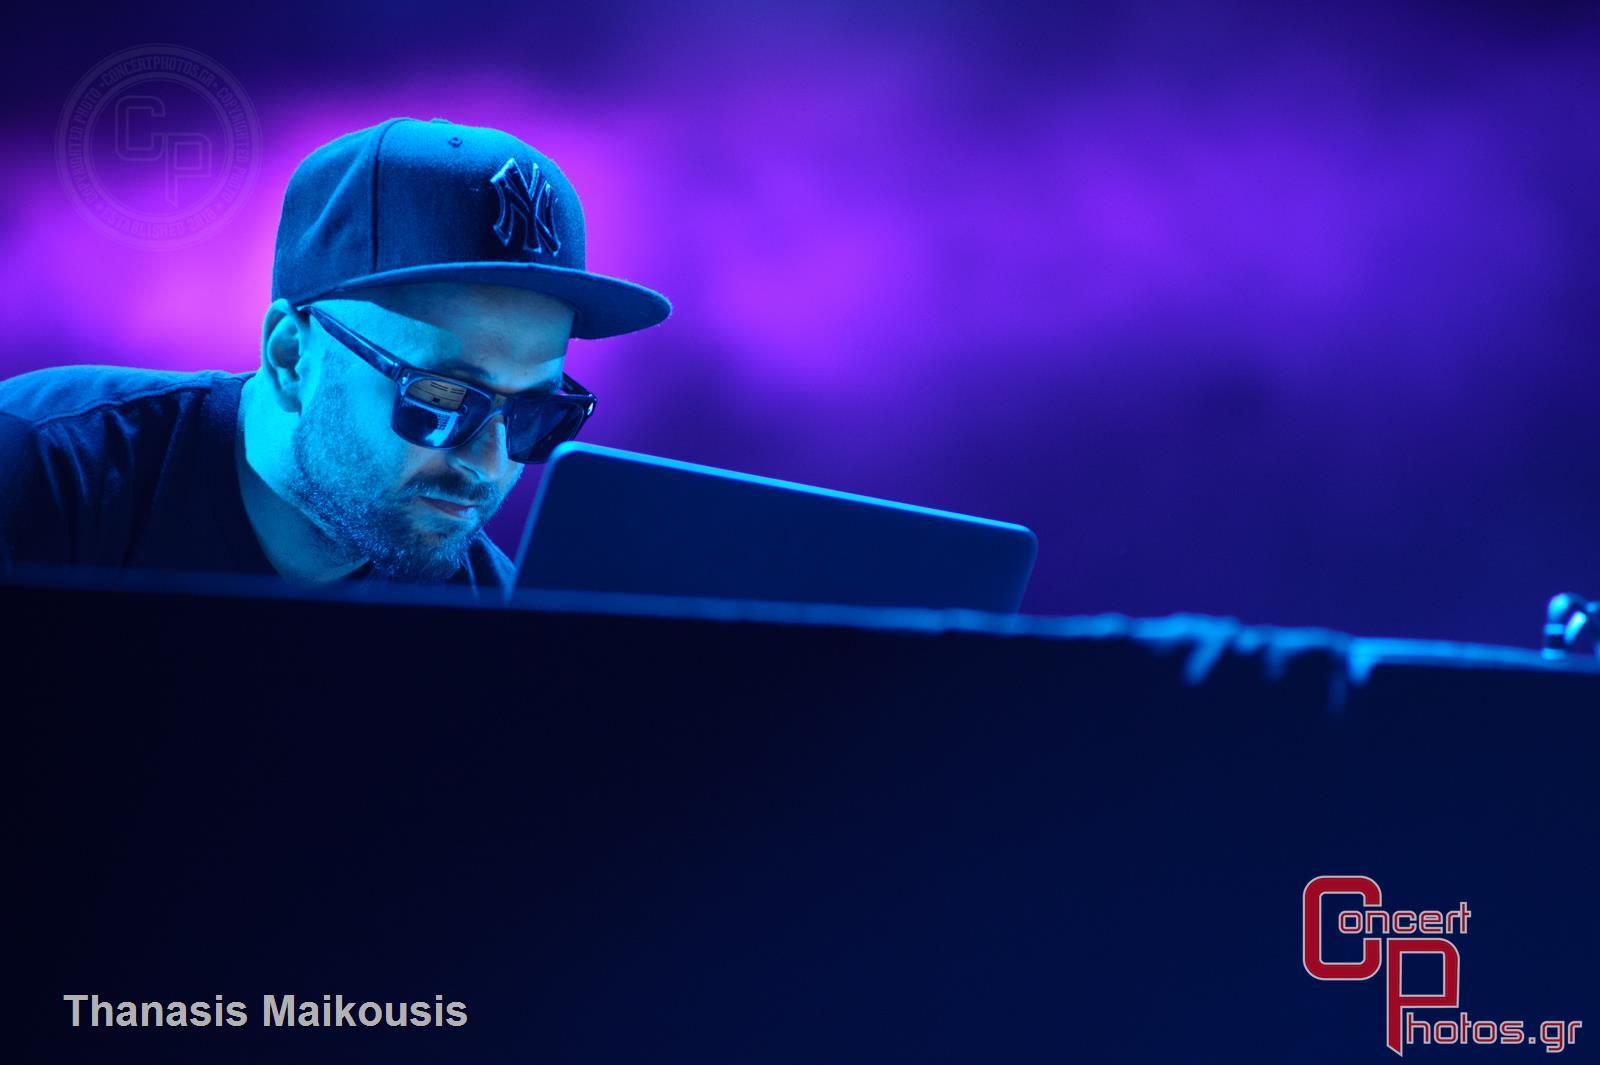 En Lefko 2014-En Lefko 2014 photographer: Thanasis Maikousis - concertphotos_20140621_21_26_35